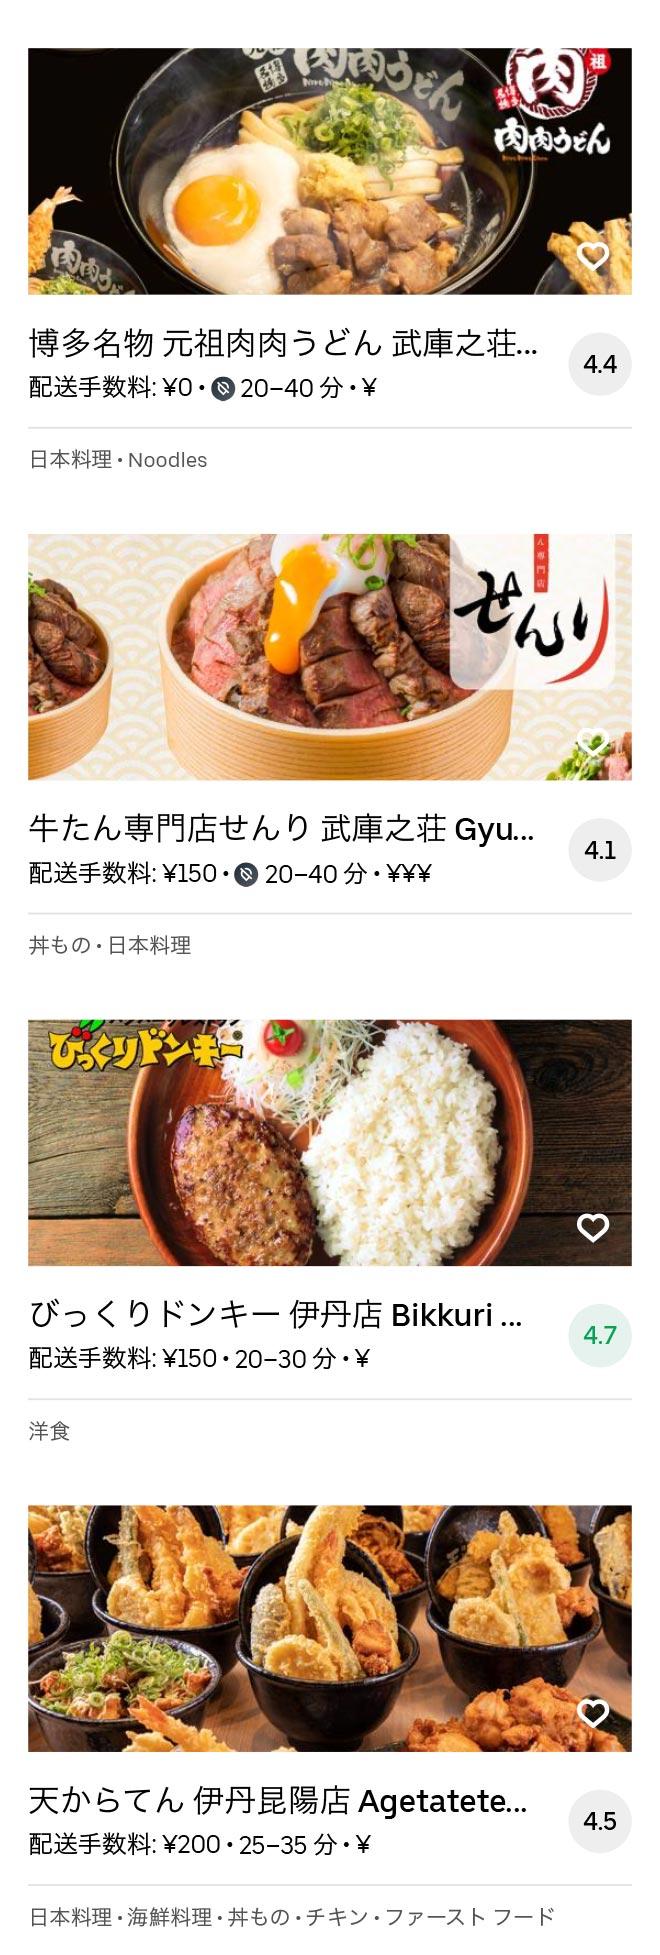 Itami menu 2007 10